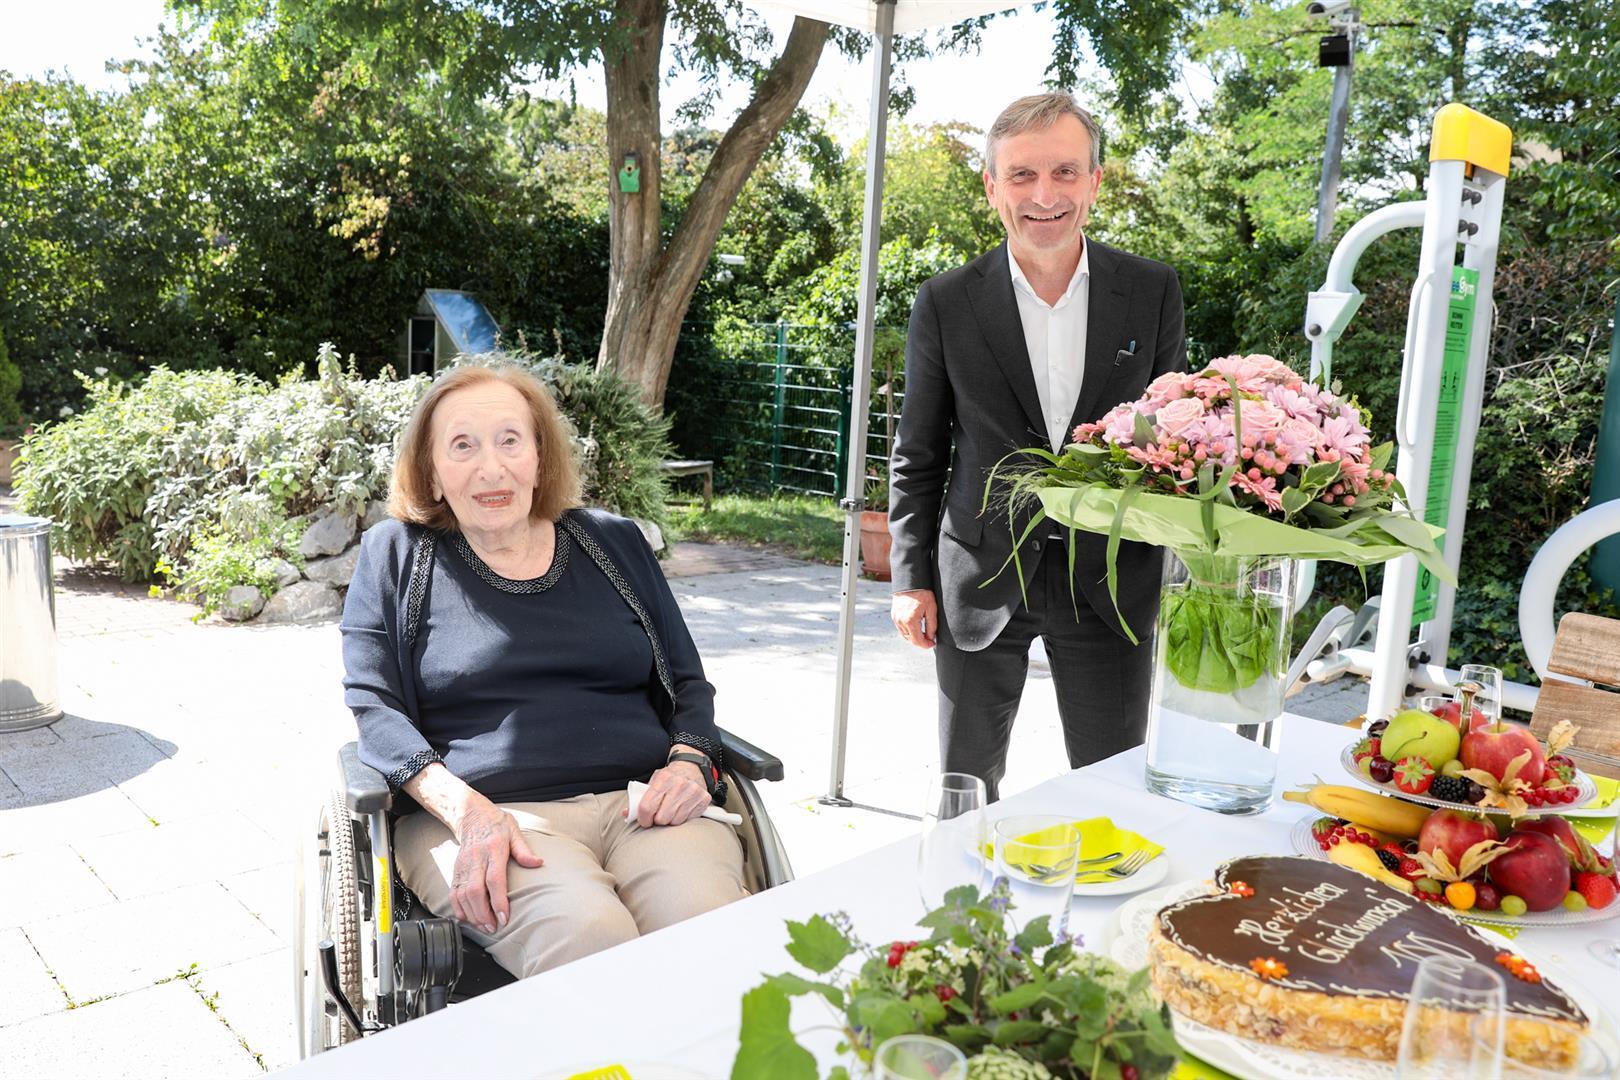 Oberbürgermeister Thomas Geisel gratulierte Rosa Löwendahl zu ihrem 100. Geburtstag (Foto: xity)